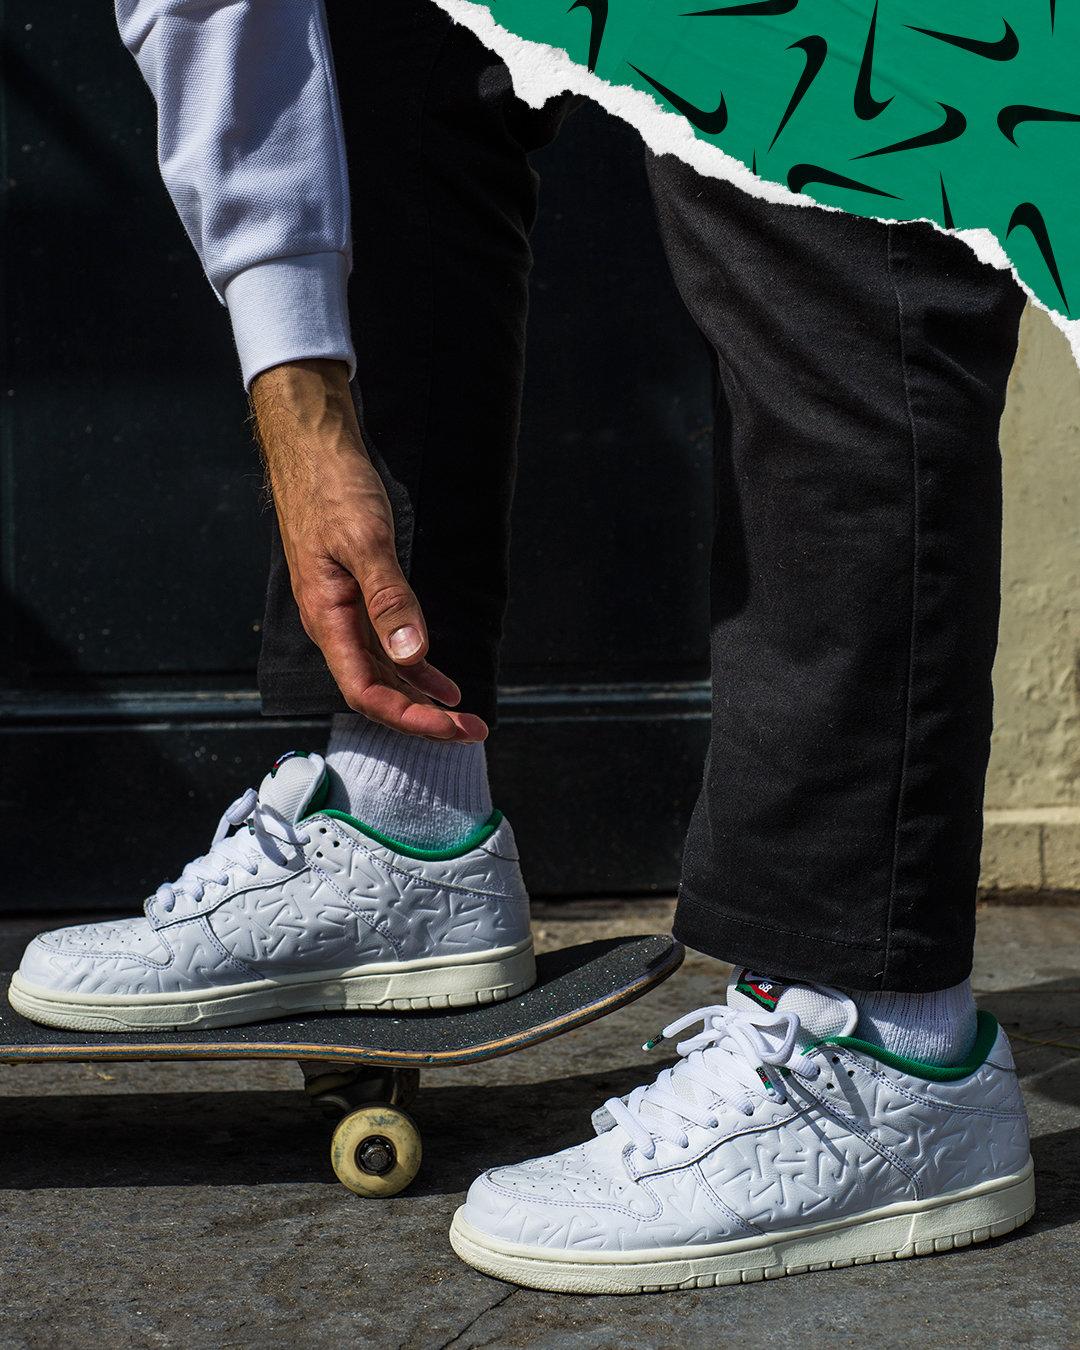 Nike SB x Ben-G: Dunk Low - Nike Skateboarding